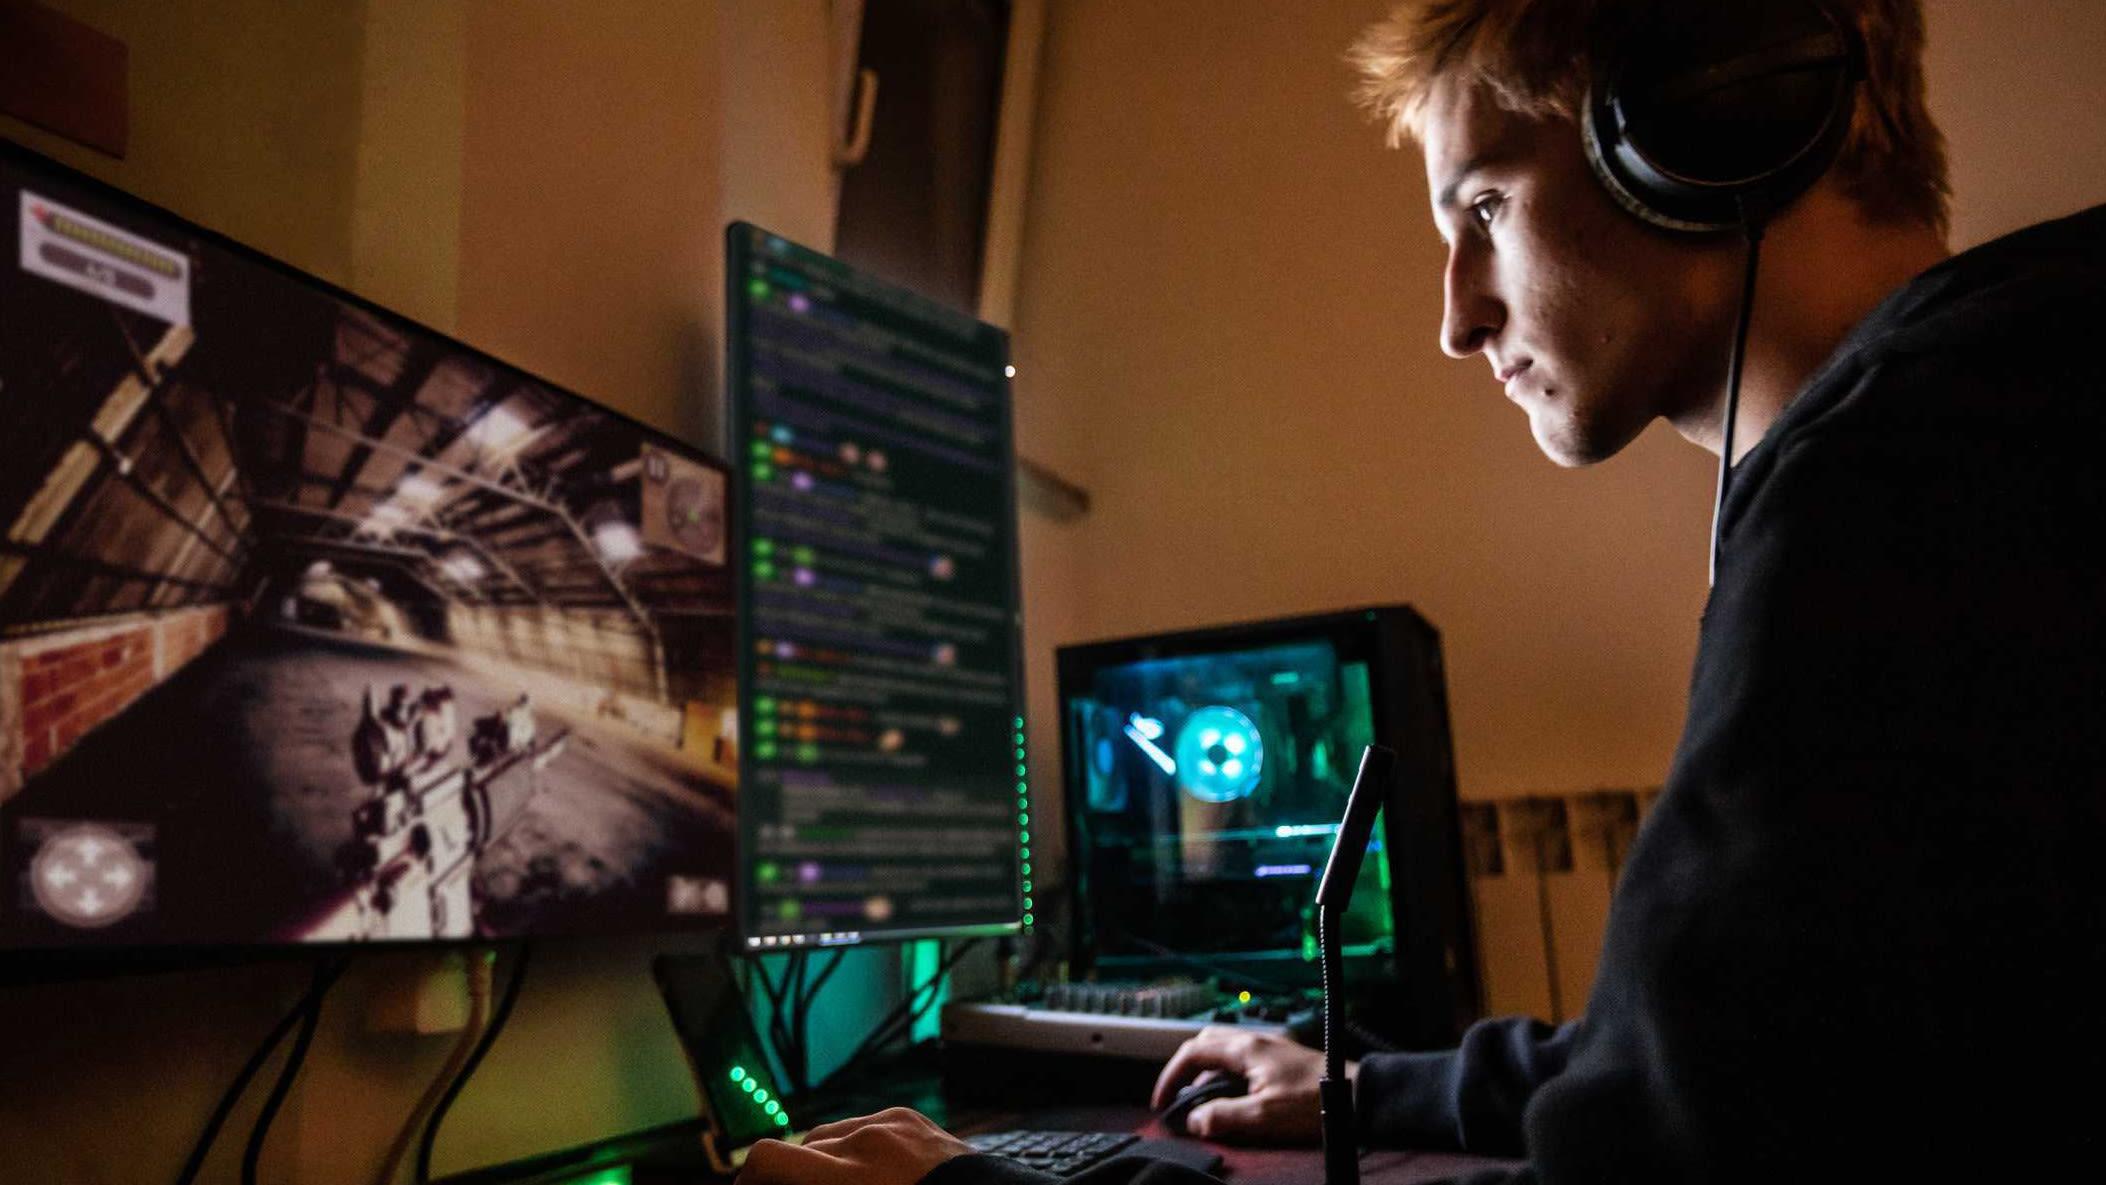 Teenager, Junge, Computer, Bildschirm, Gaming Urheberrechte: Getty Images / CasarsaGuru